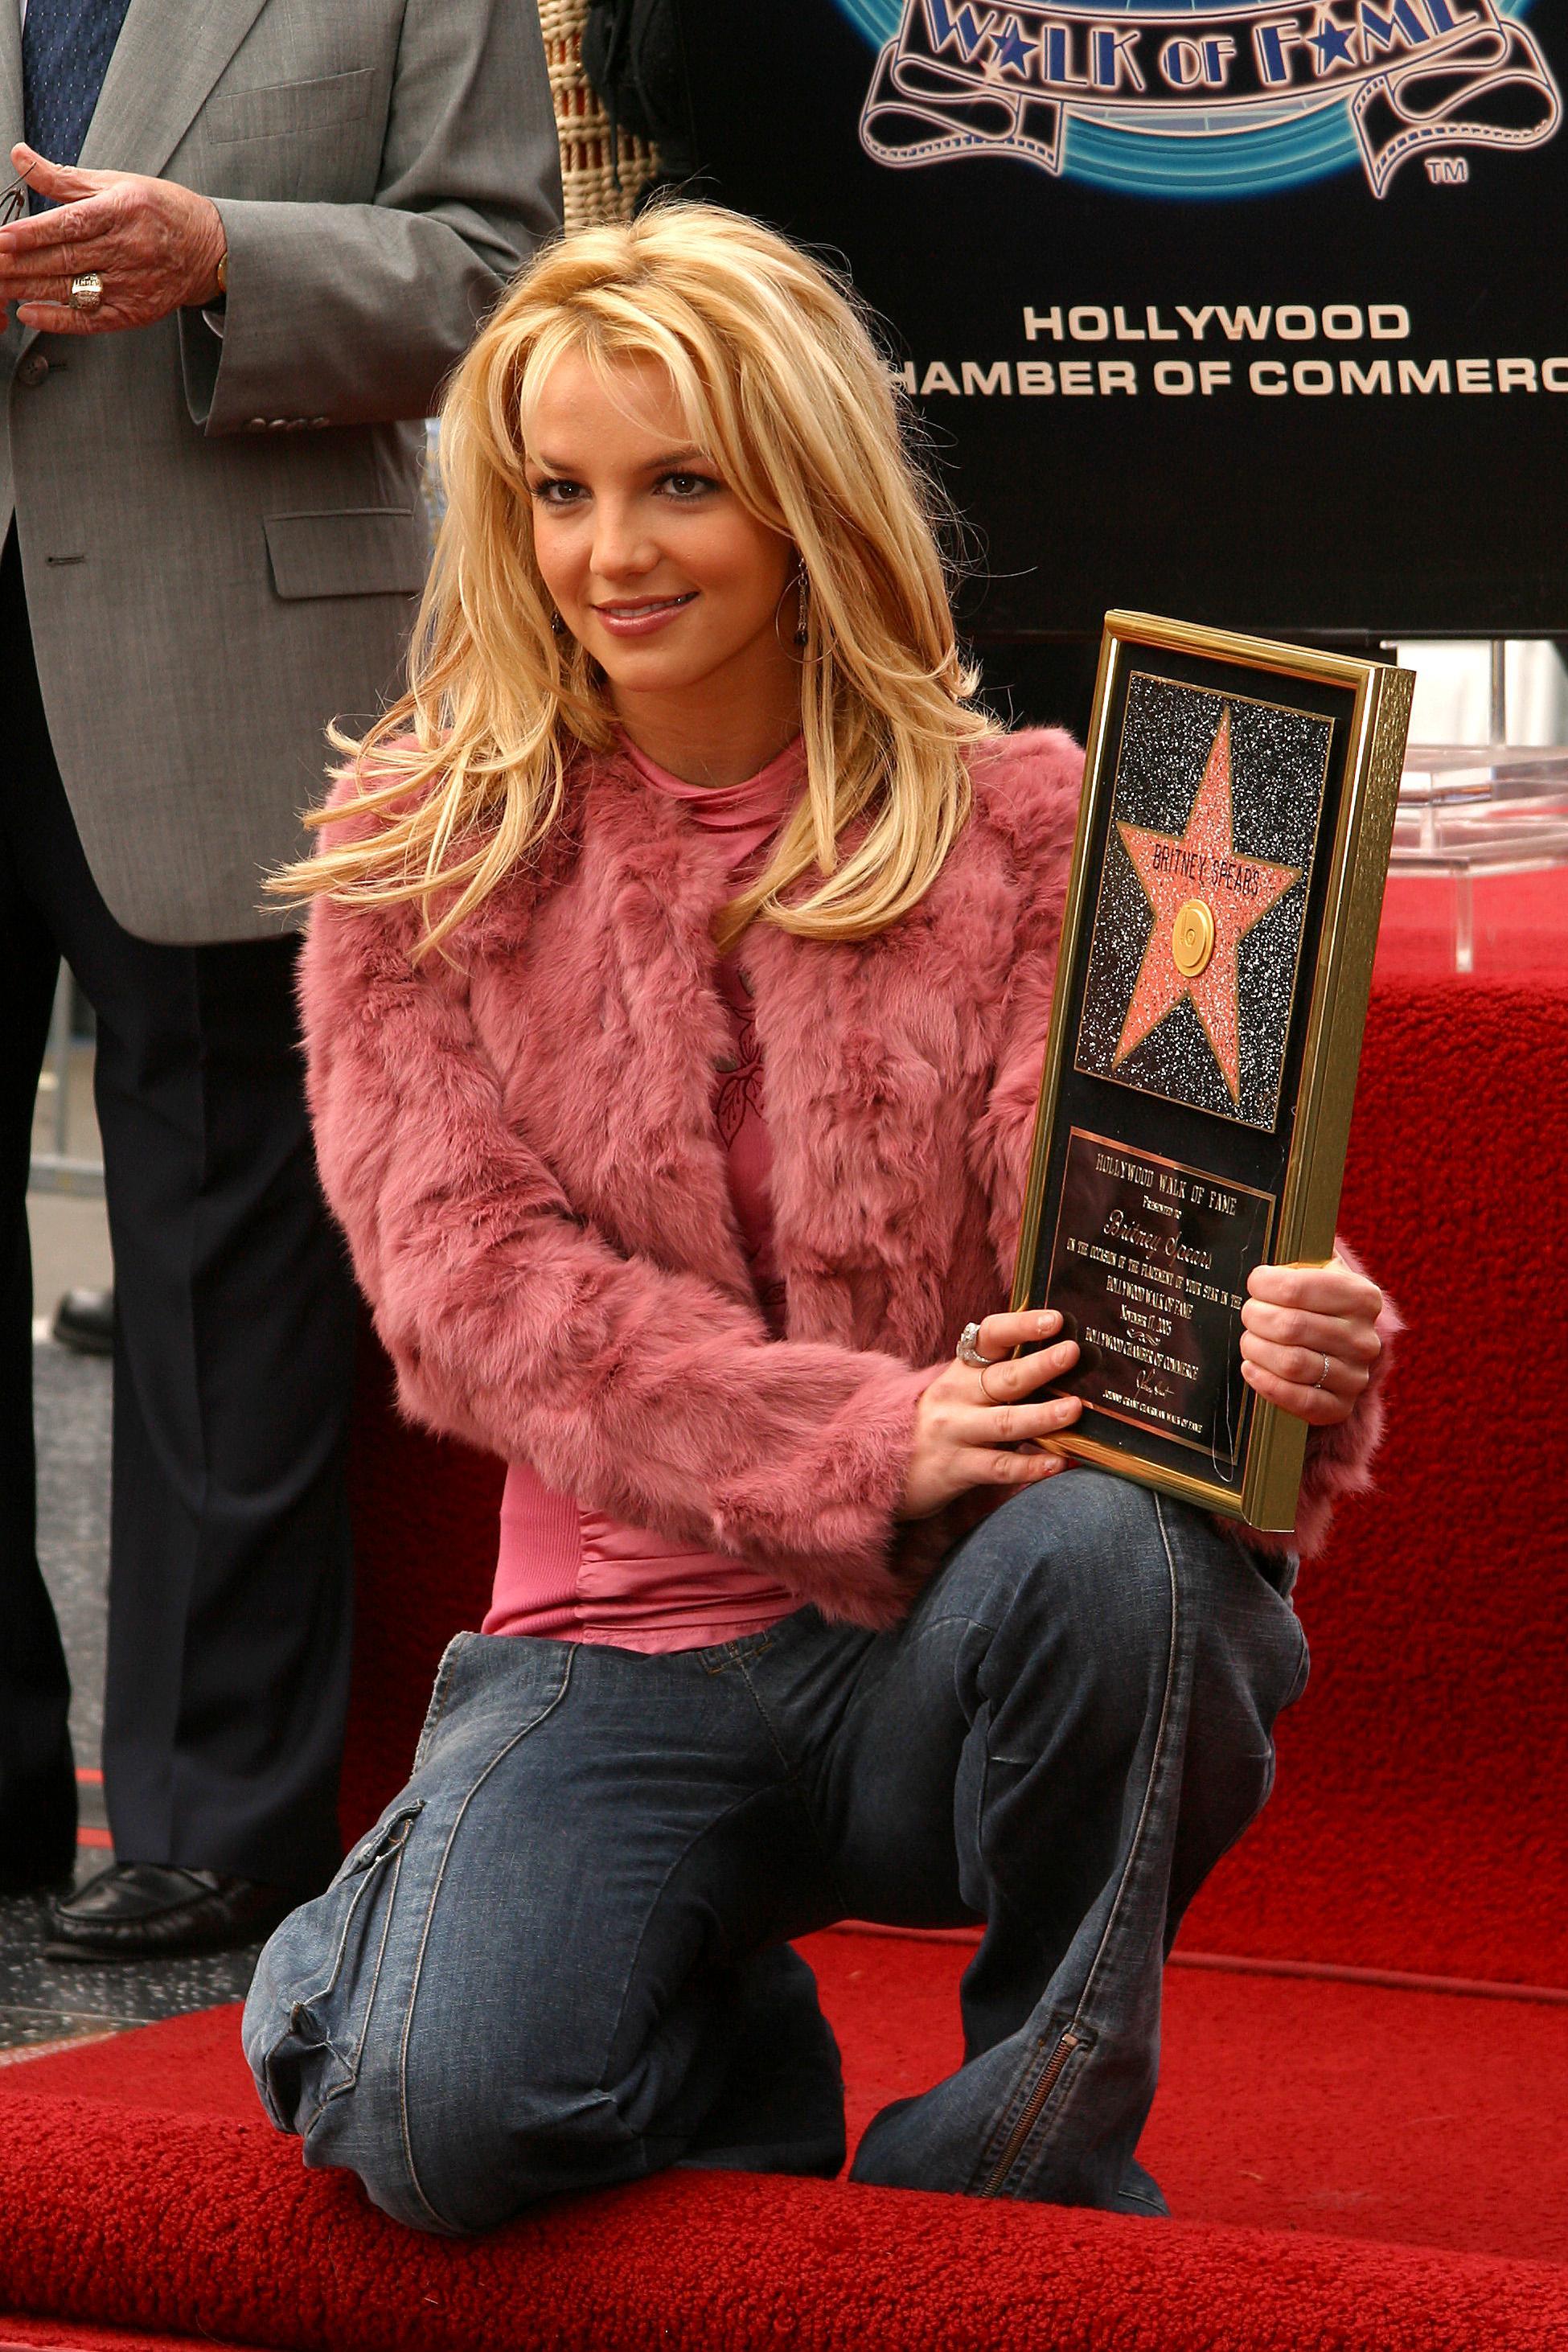 """Với những cống hiến không tưởng của một nghệ sĩ trẻ tuổi, Britney Spears được ghi nhận là biểu tượng văn hóa nổi bật, người vực dậy dòng nhạc teen pop vào cuối thập niên 1990. Giọng ca """"Toxic"""" liên tục được vinh danh bằng nhiều giải thưởng như giải Grammy, 6 giải thưởng Video âm nhạc của MTV, 10 giải thưởng âm nhạc Billboard, bao gồm giải thưởng Billboard Thiên niên kỷ, một ngôi sao trên Đại lộ danh vọng Hollywood… Bức hình ghi lại màn trình diễn táo bạo của cô tại Lễ trao giải Video âm nhạc của MTV cũng được bình chọn là một trong những khoảnh khắc đáng nhớ của lễ trao giải MTV."""